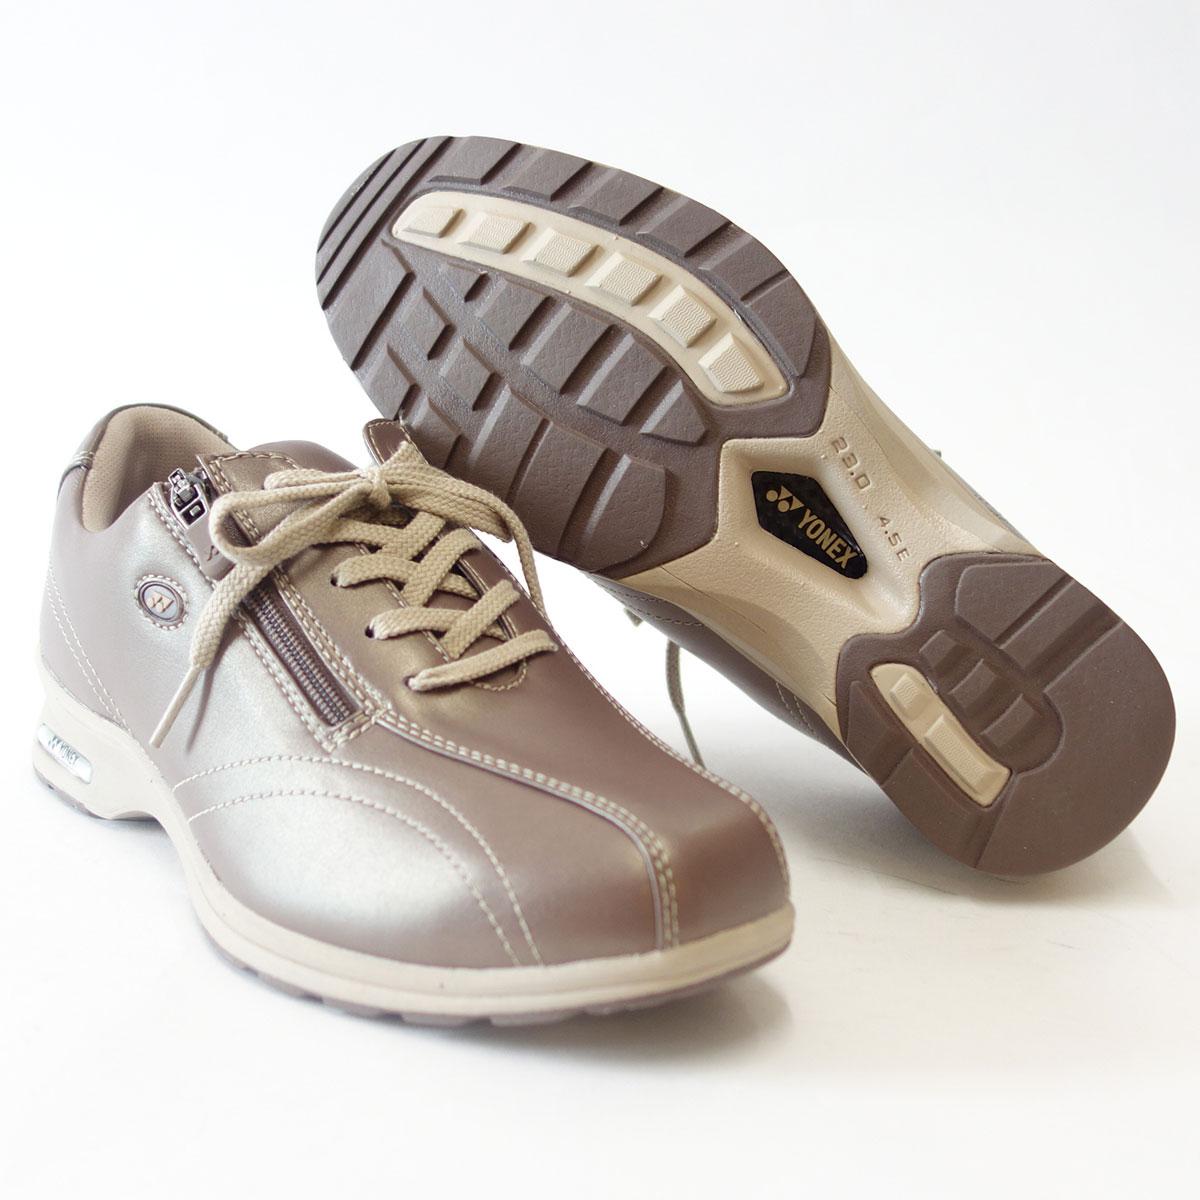 4.5Eのワイド幅&ハイパーライトソールで超軽量ストレッチ素材で足に楽々フィット!【YONEX】ヨネックスLC30W パールローズ(レディース)軽い疲れにくいウォーキングシューズ『靴』